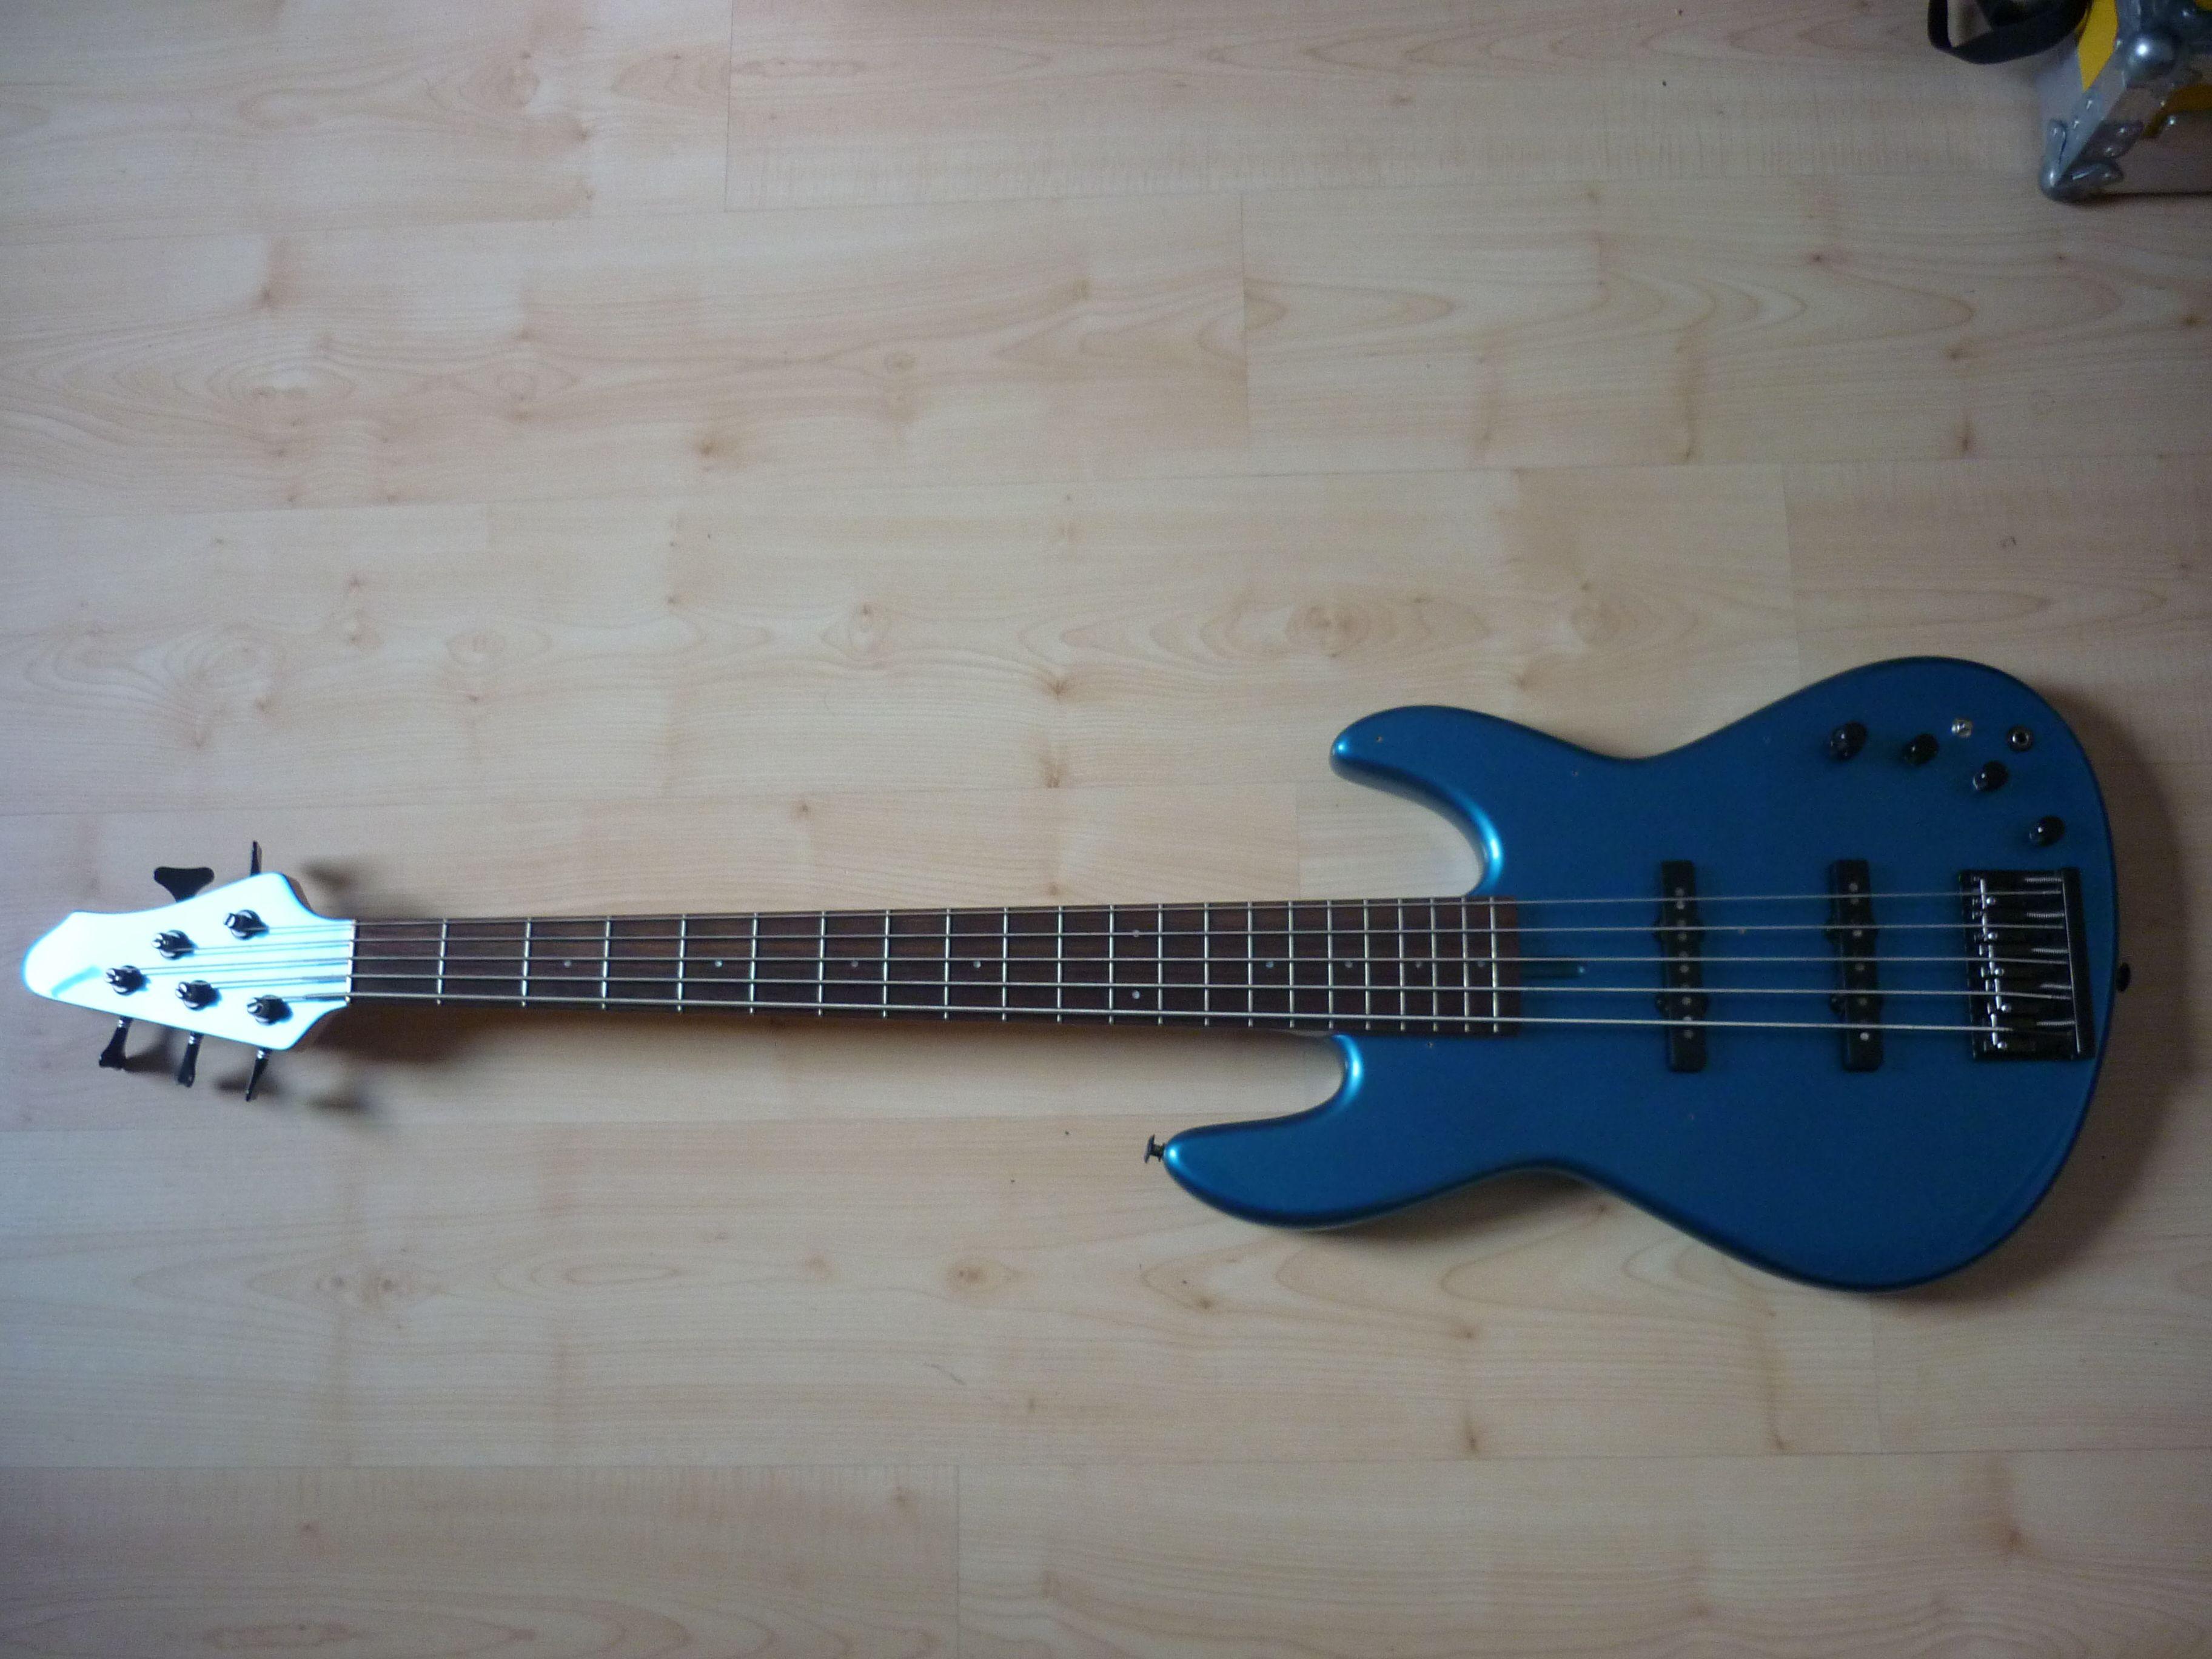 Fodera-blue-1.JPG